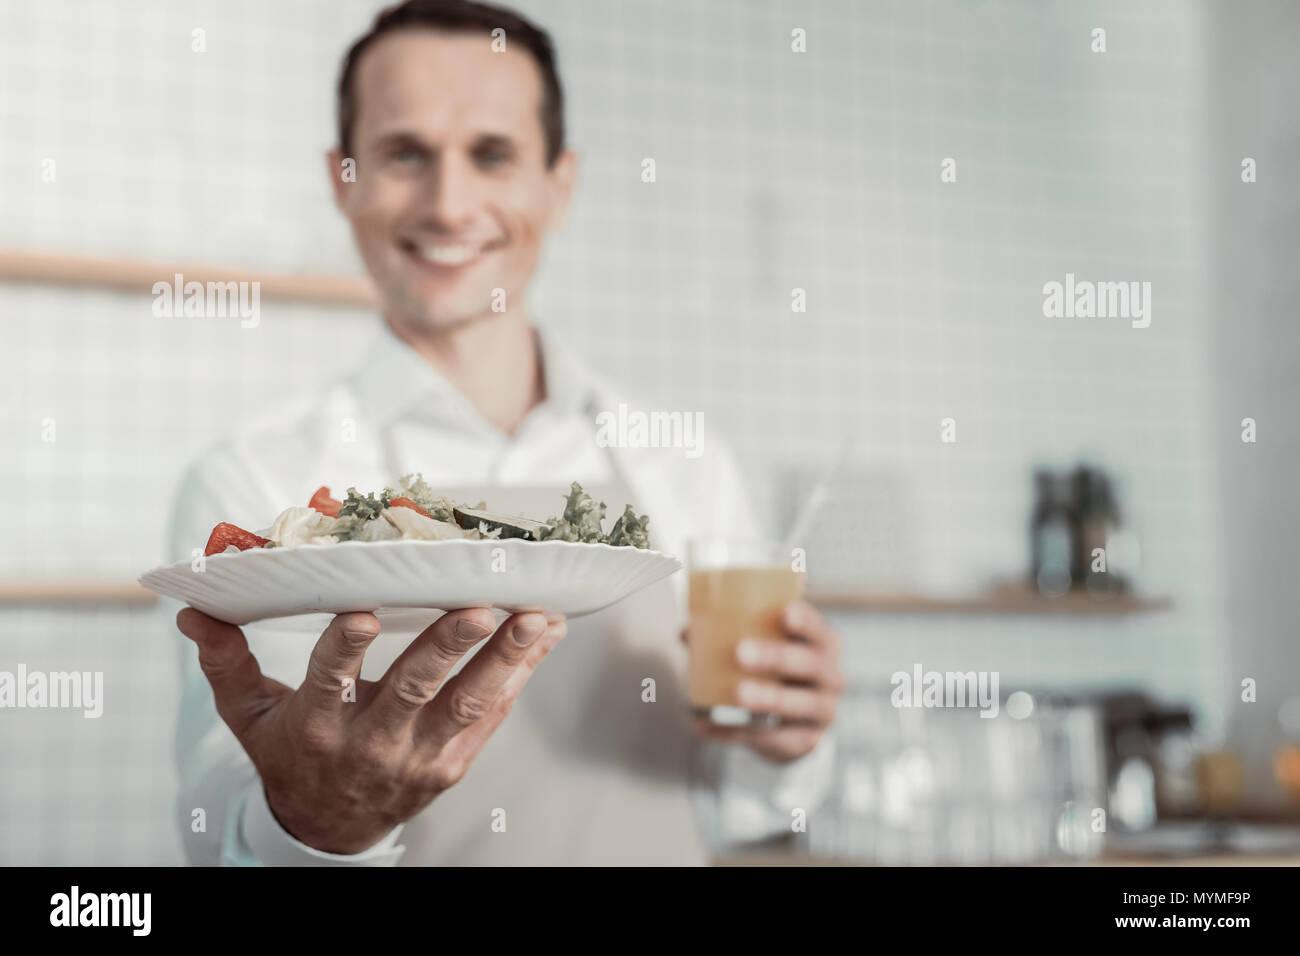 Foto fokussiert auf die männliche Hand, dass Salat Stockbild